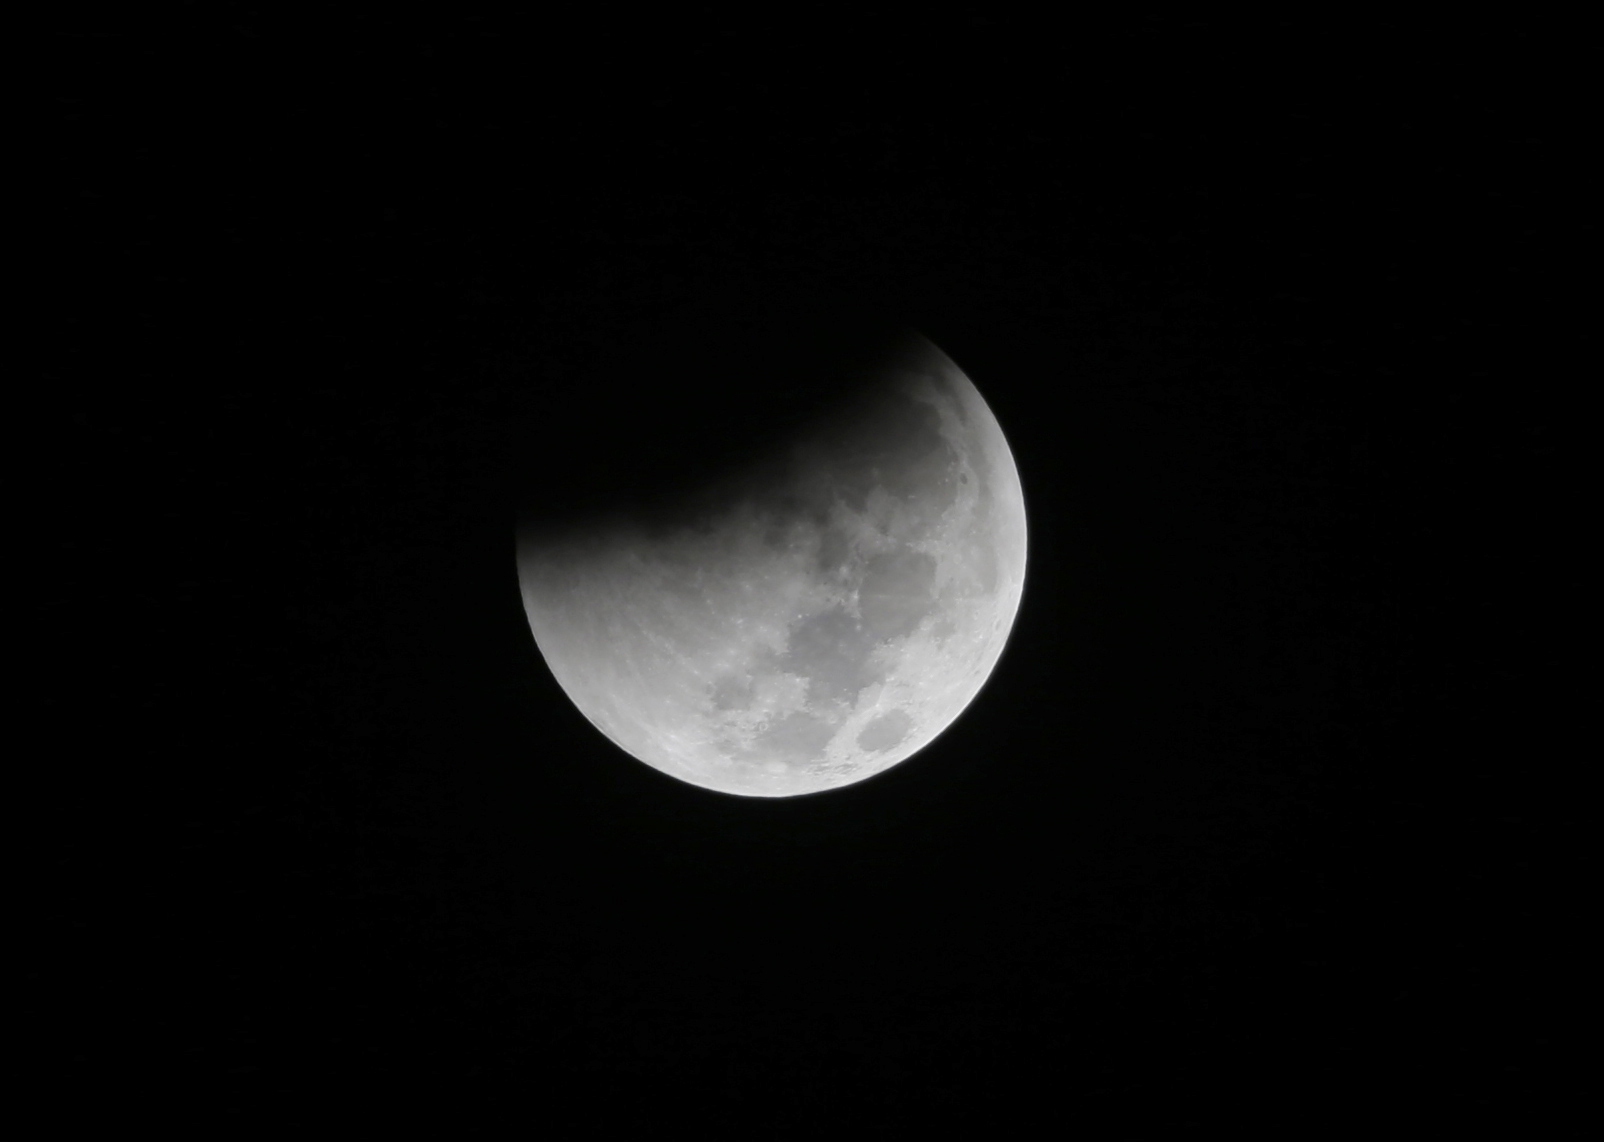 Lunar_Eclipse_21325-159532.jpg87742691